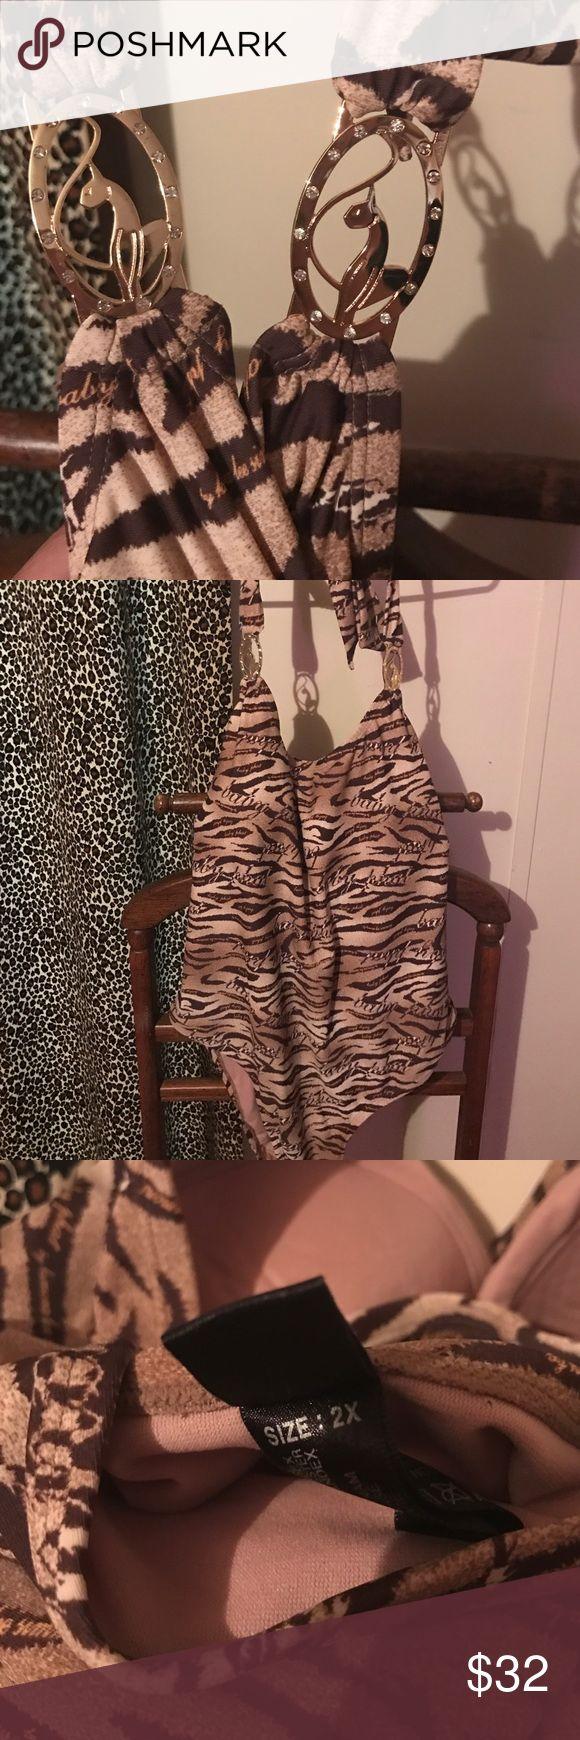 Baby phat Swim suit Baby phat one piece swim suit with gold metal baby phat . baby phat Swim One Pieces